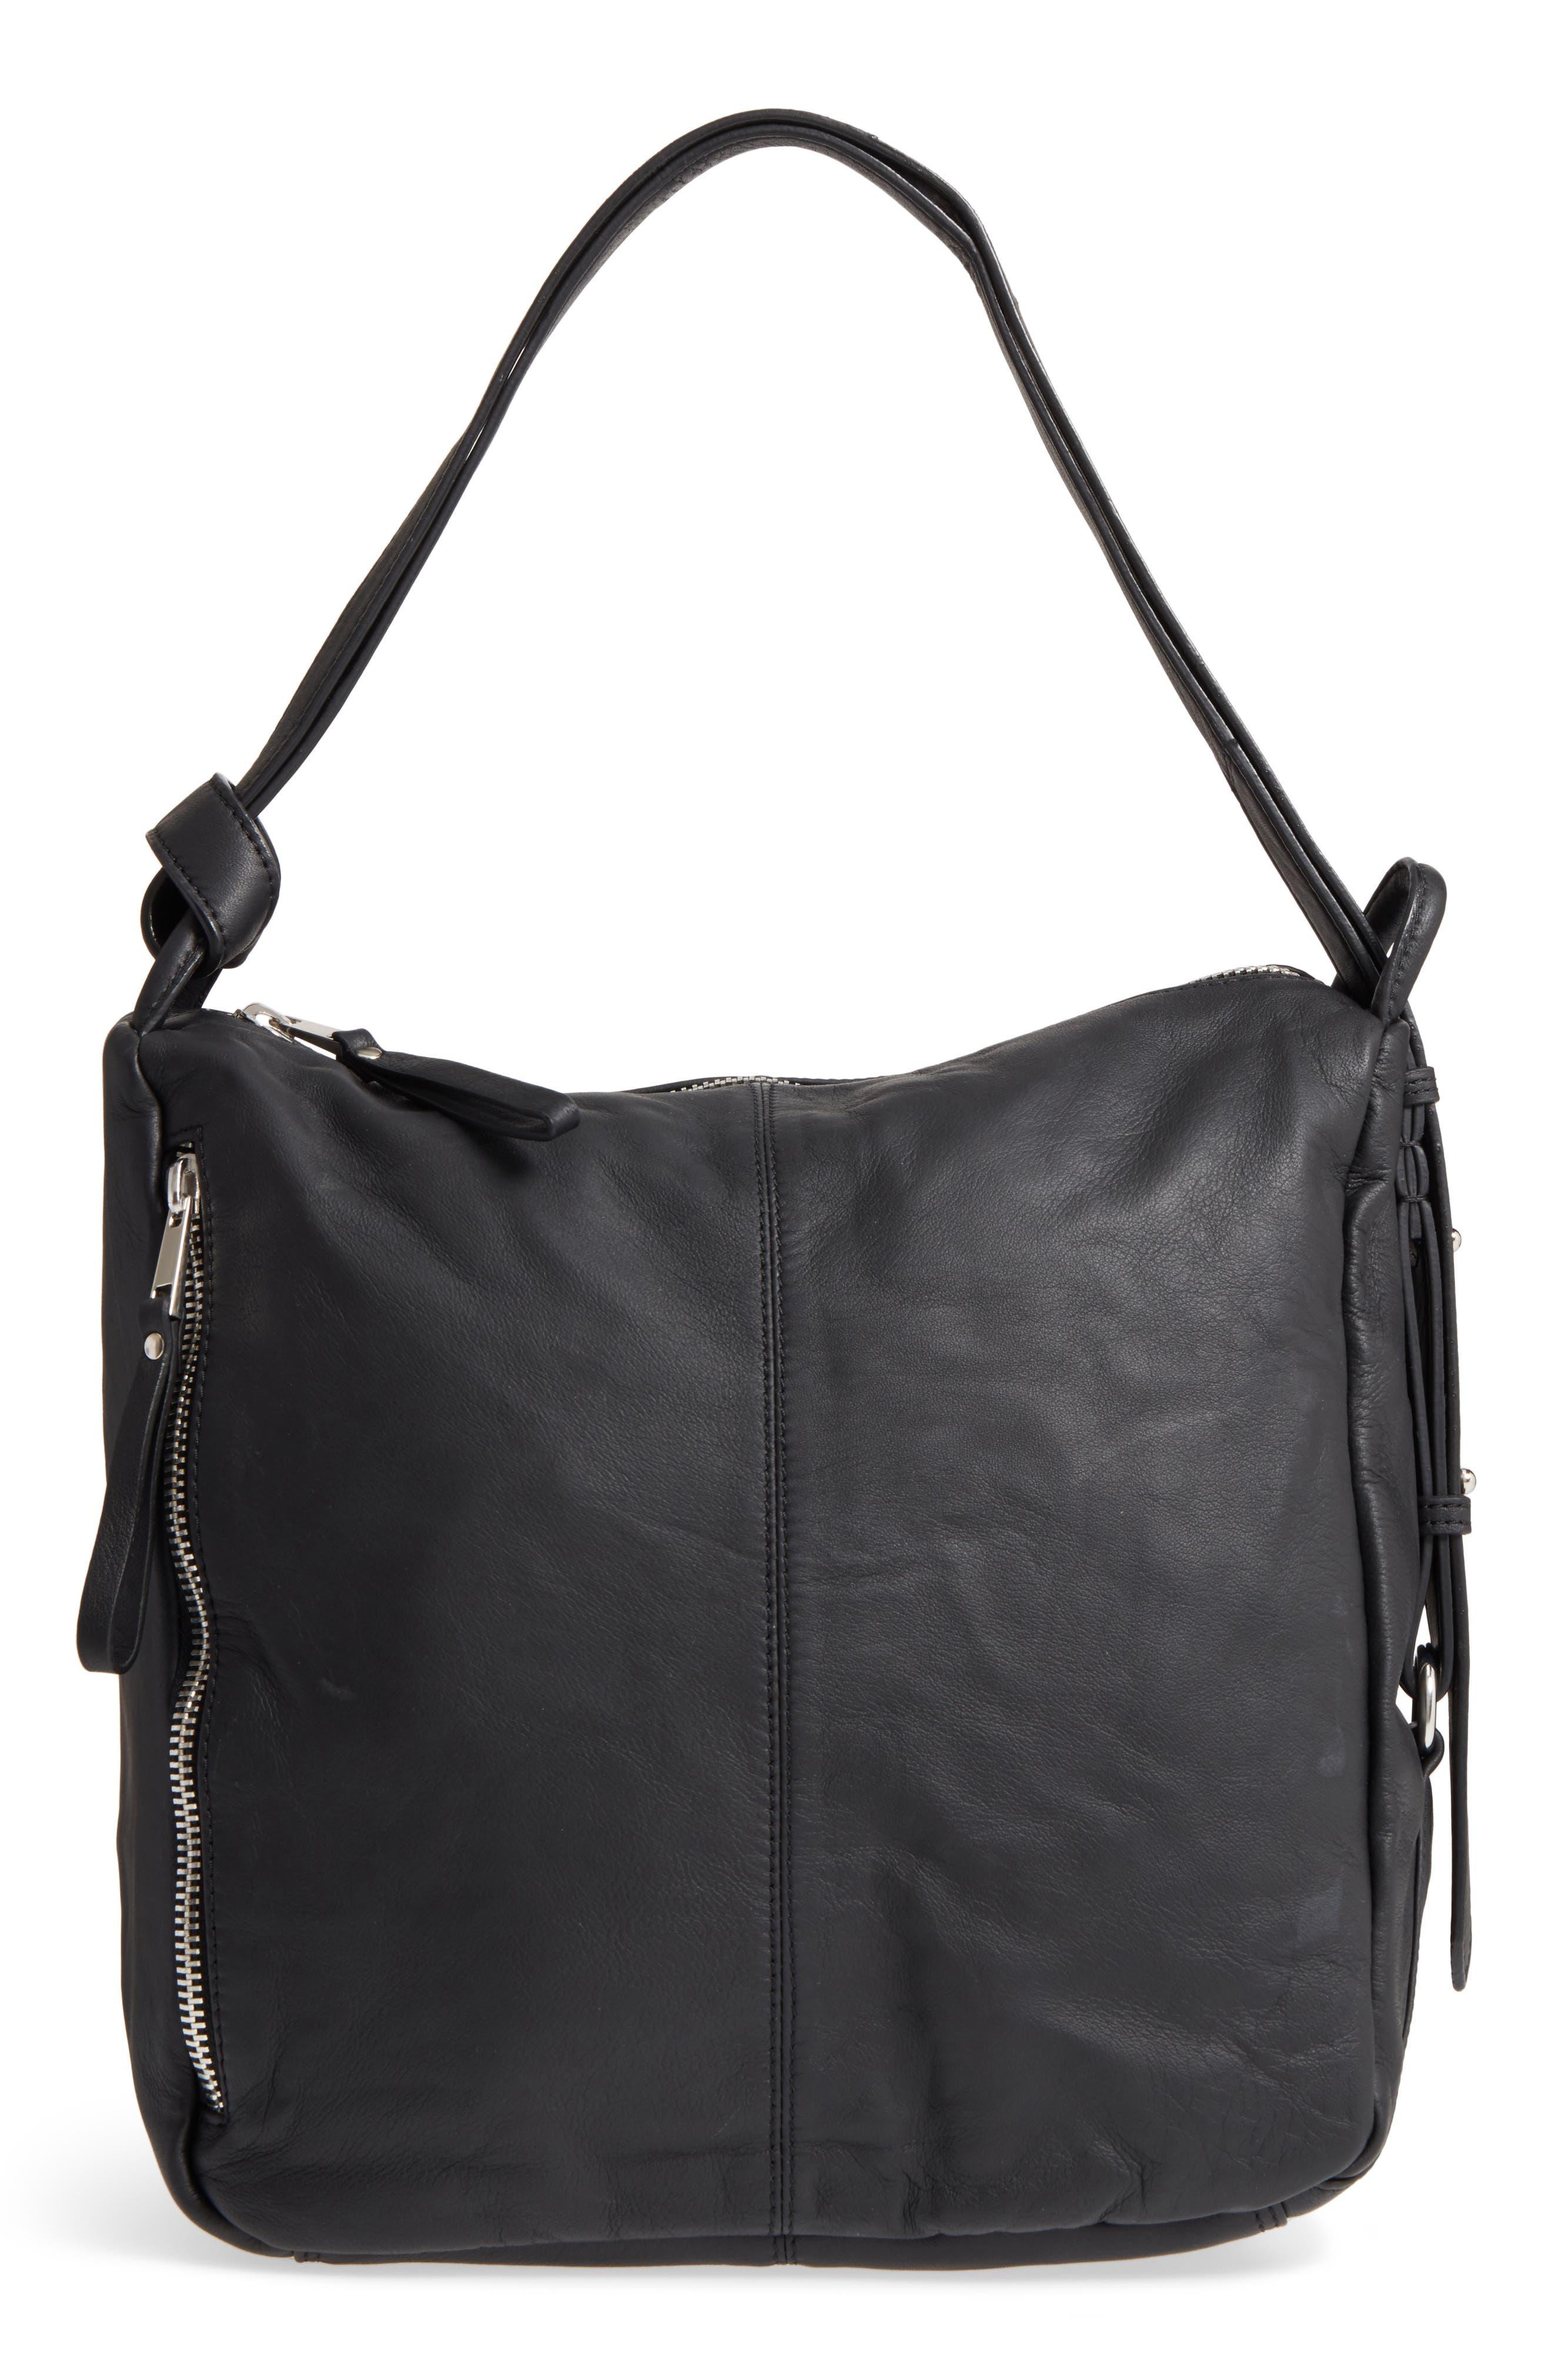 Alternate Image 1 Selected - Topshop Premium Leather Sling Shoulder Bag